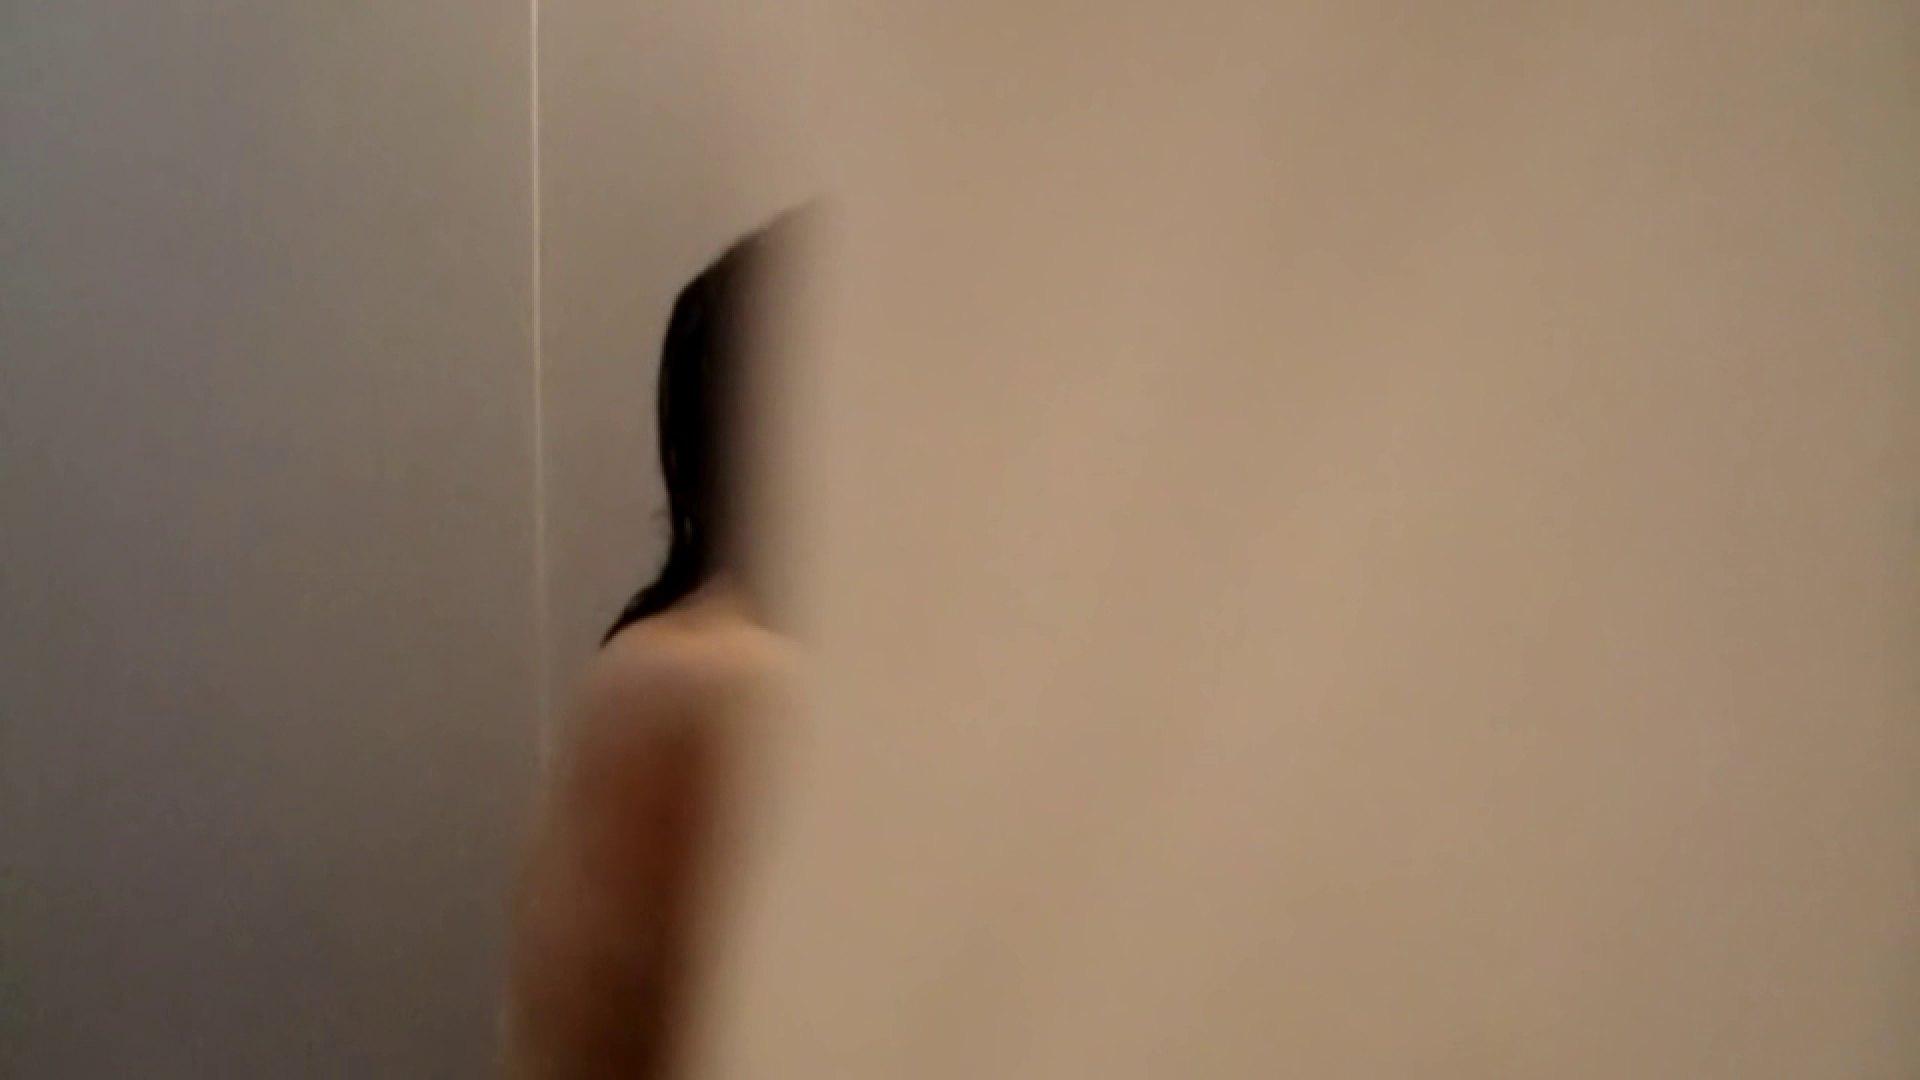 vol.2 葵のグラドル顔負けの爆乳を入浴シーンでどうぞ。 入浴中 おめこ無修正動画無料 111画像 15